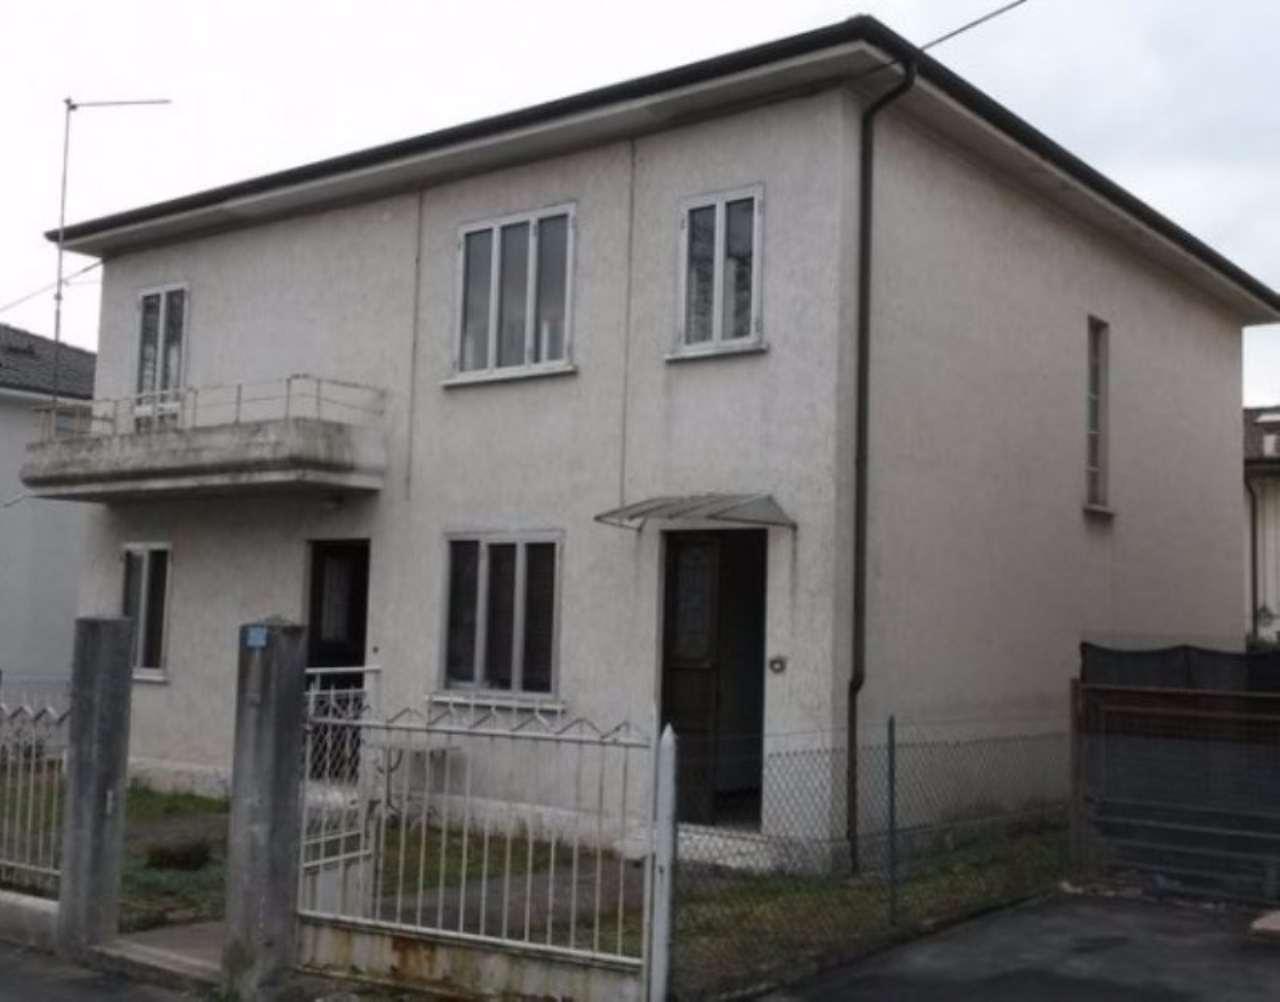 Villa in vendita a Schio, 6 locali, prezzo € 148.000 | Cambio Casa.it